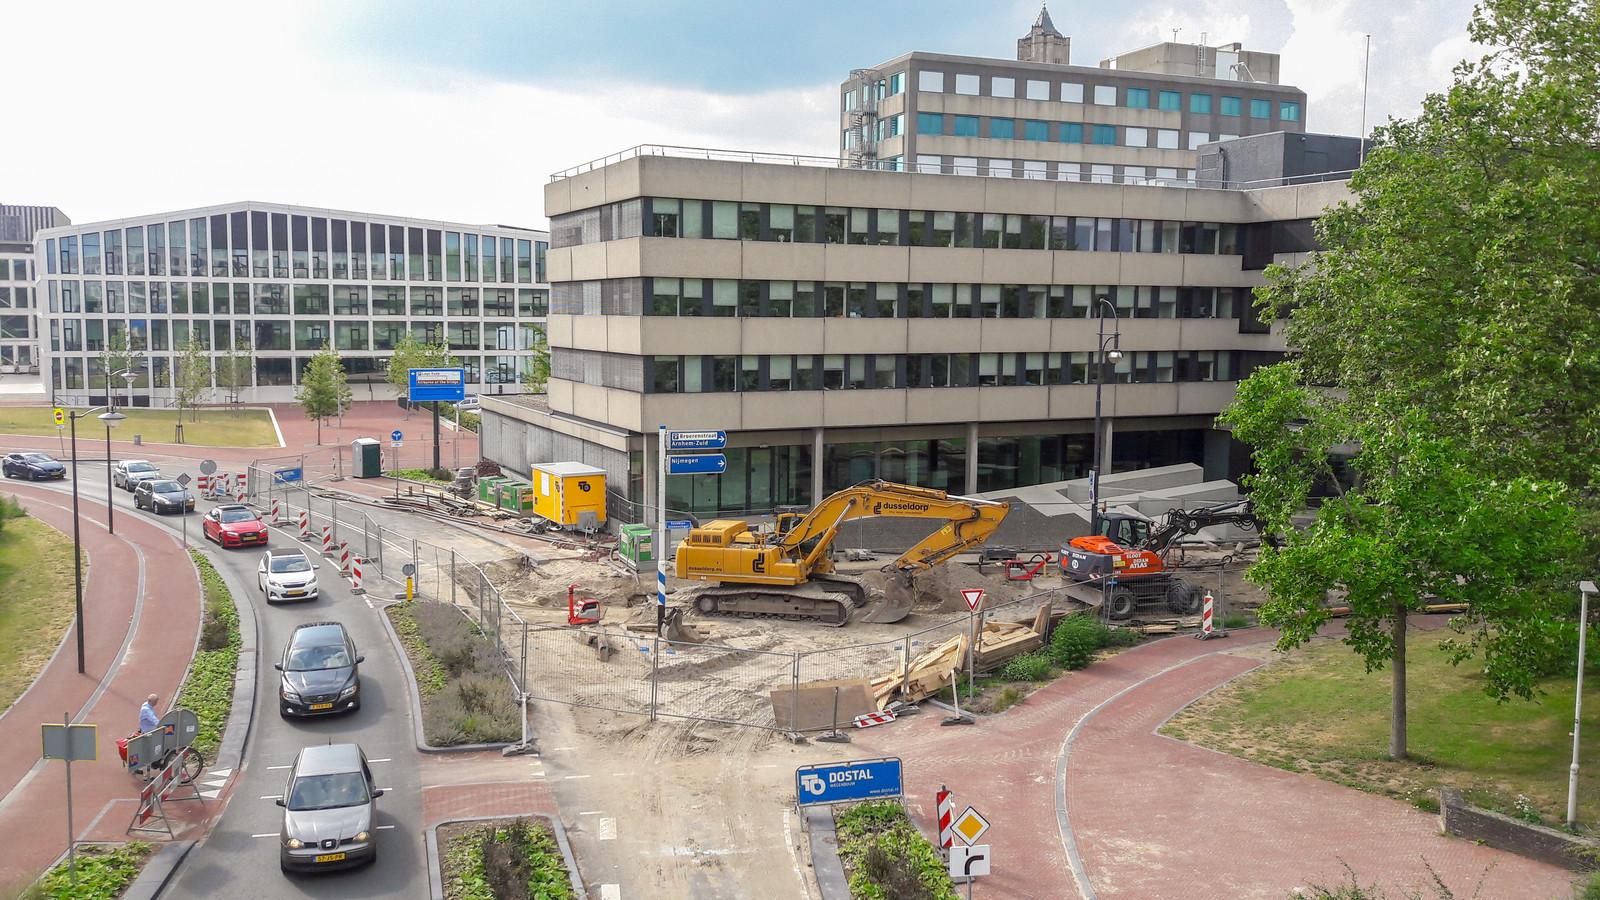 Werk aan de riolering op de hoek van de Oranjewachtstraat en de Eusebiusbinnensingel in Arnhem. Inmiddels is de weg weer geasfalteerd.